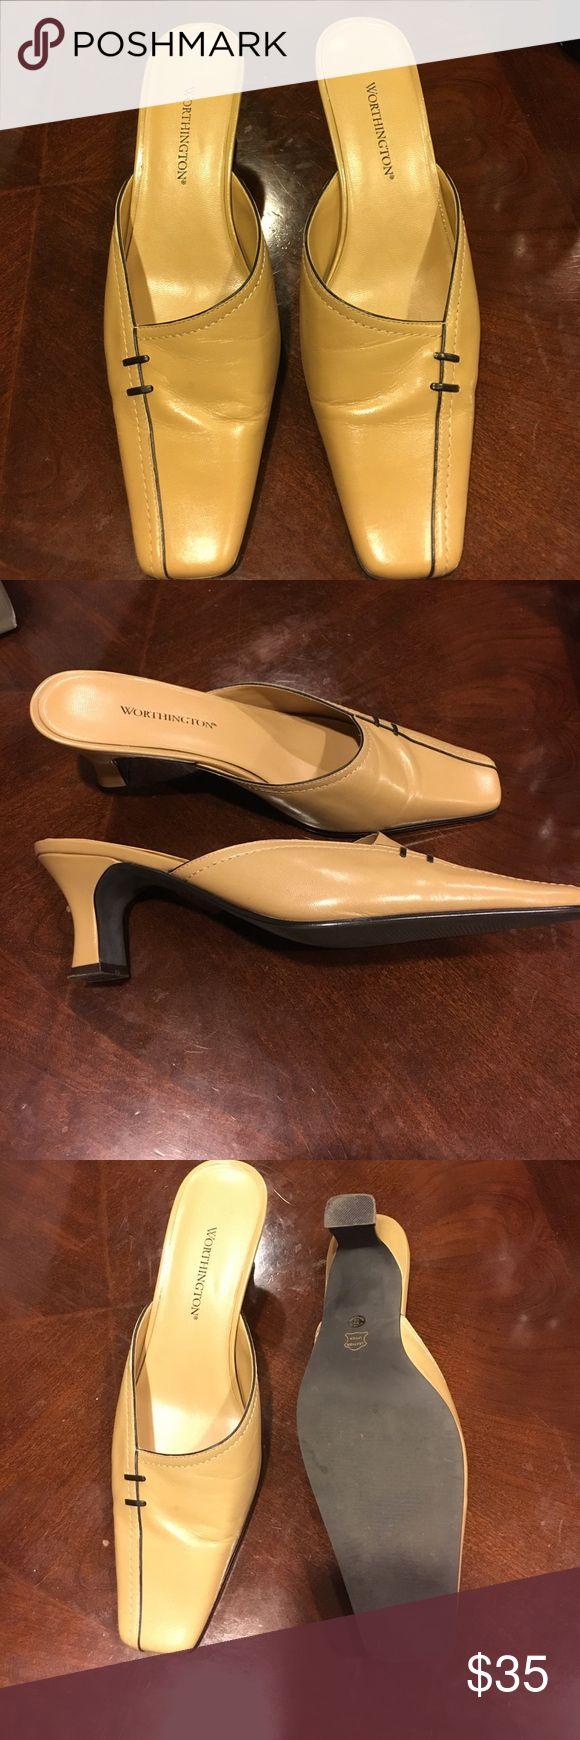 Worthington Women's Mules-Size 7 Worthington Mules-Square toe- Size 7 - Great condition Worthington Shoes Mules & Clogs